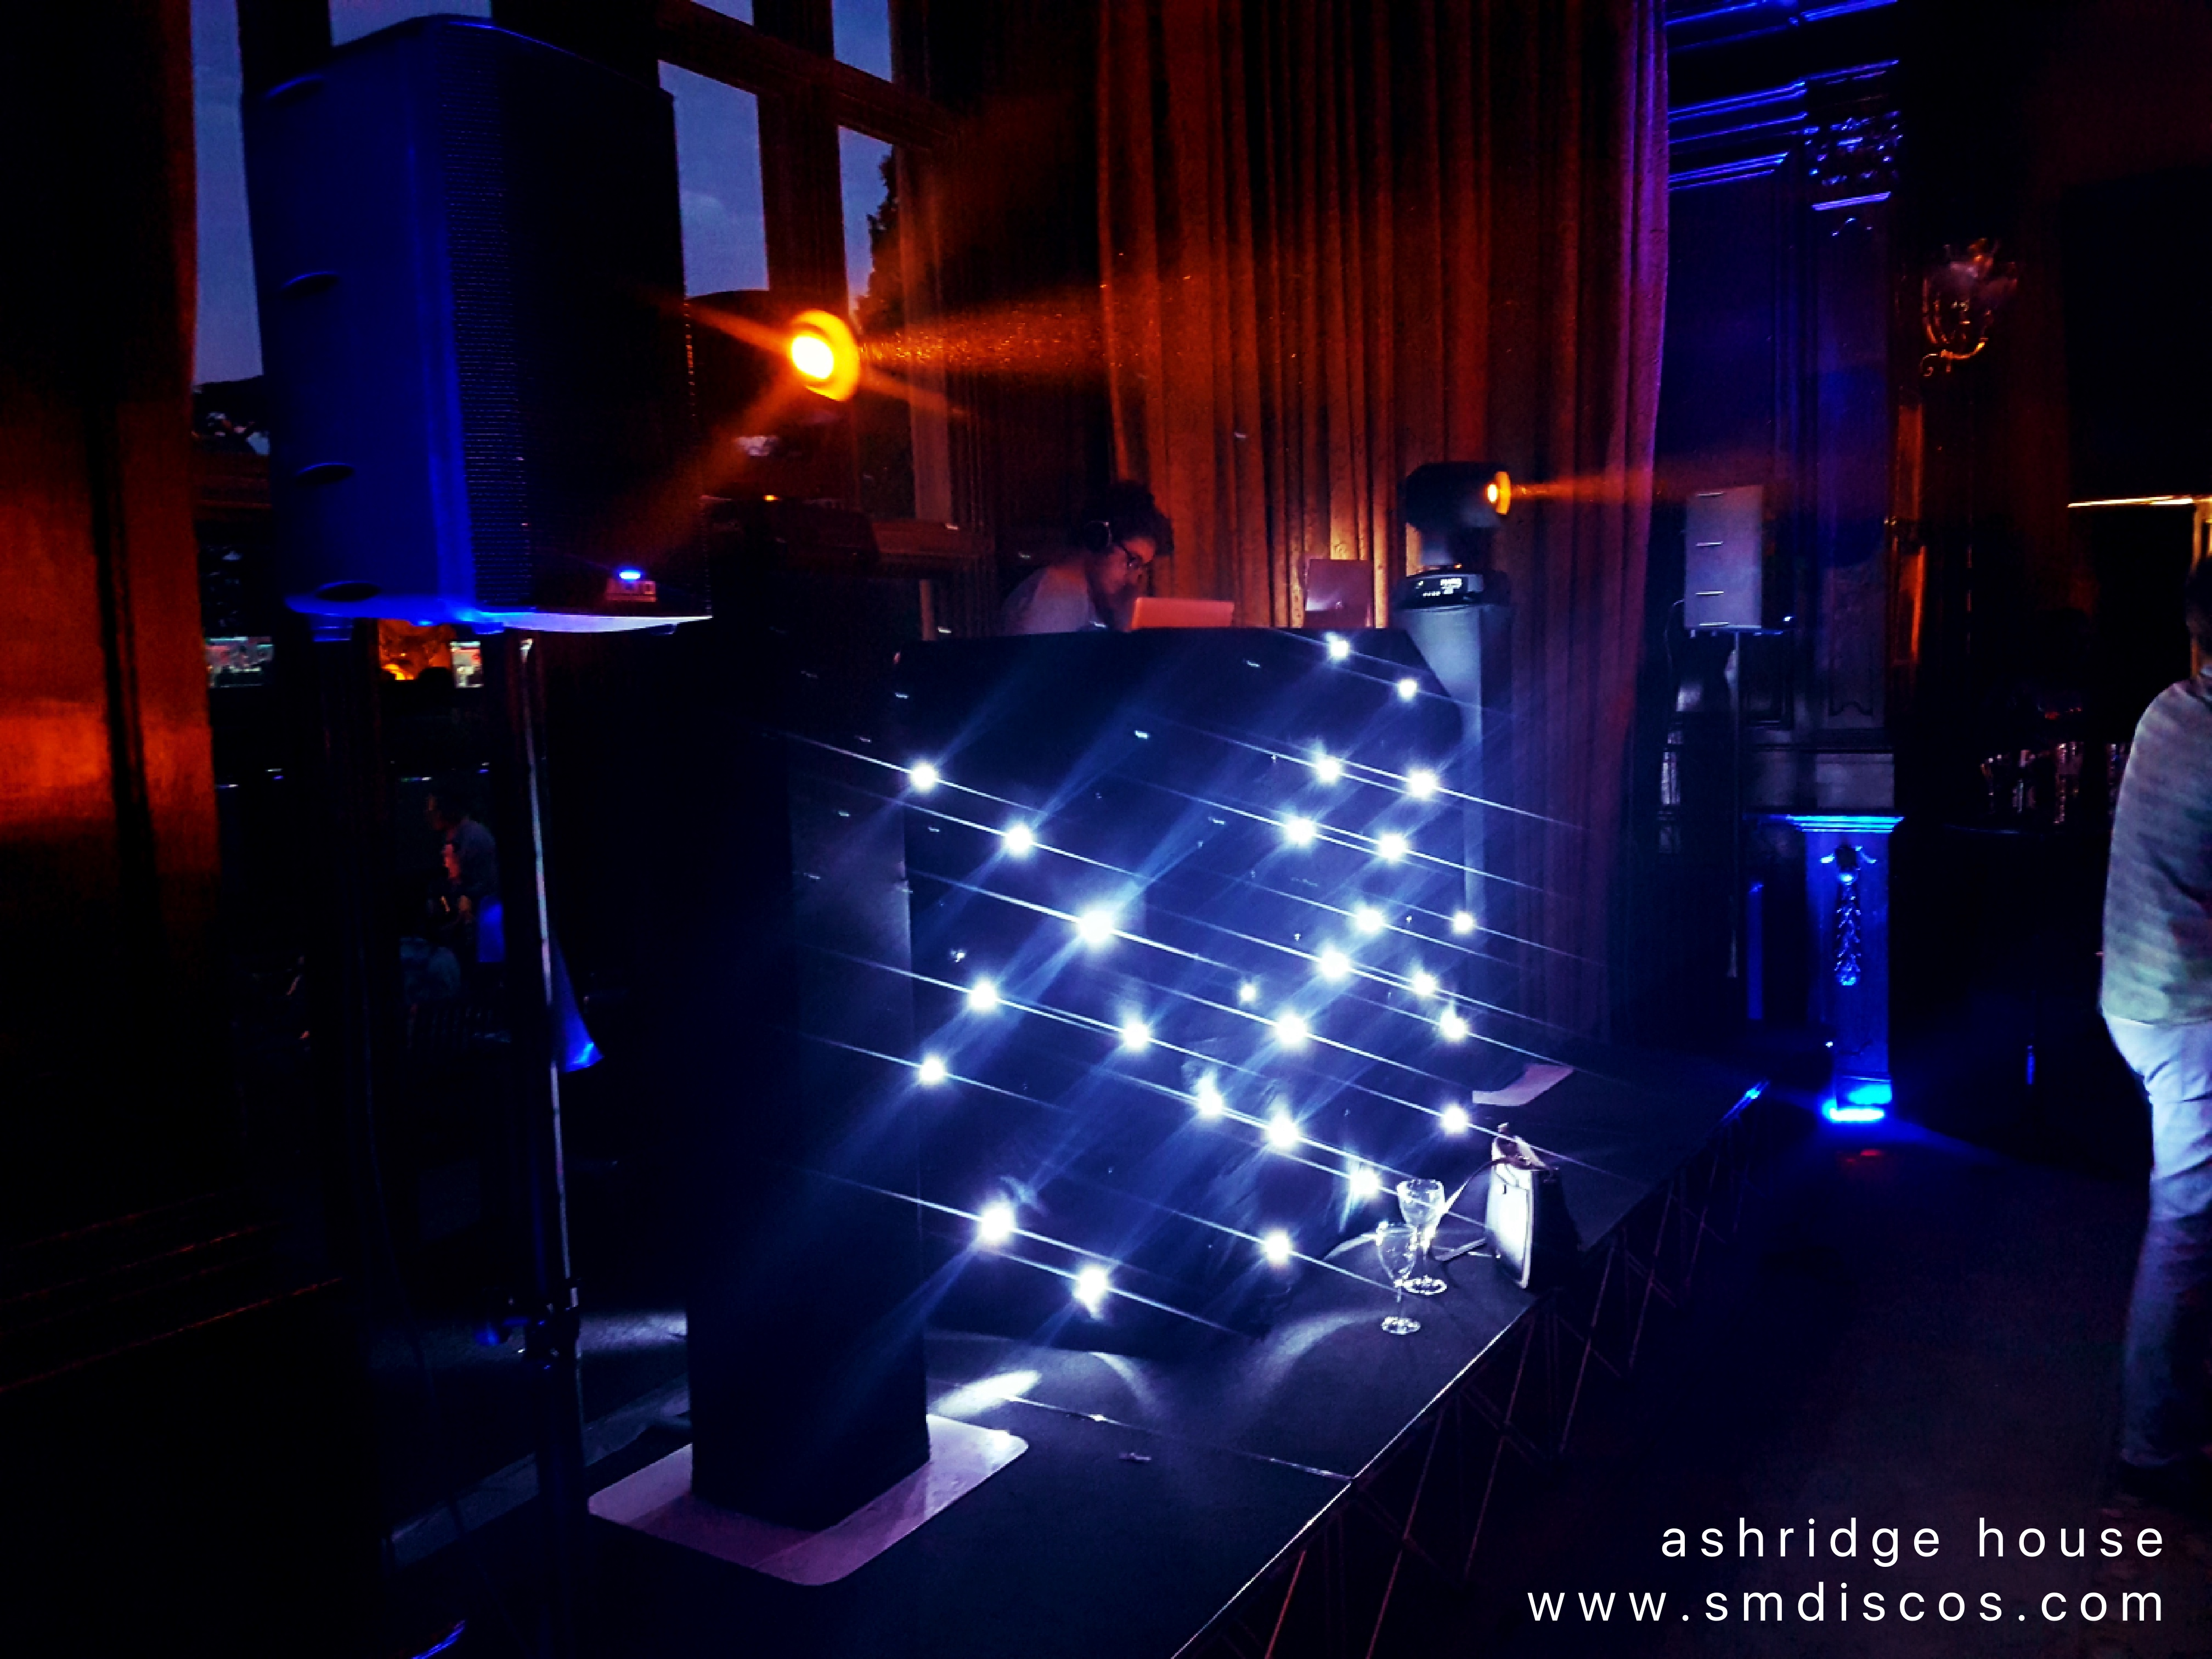 dj set up at ashridge house